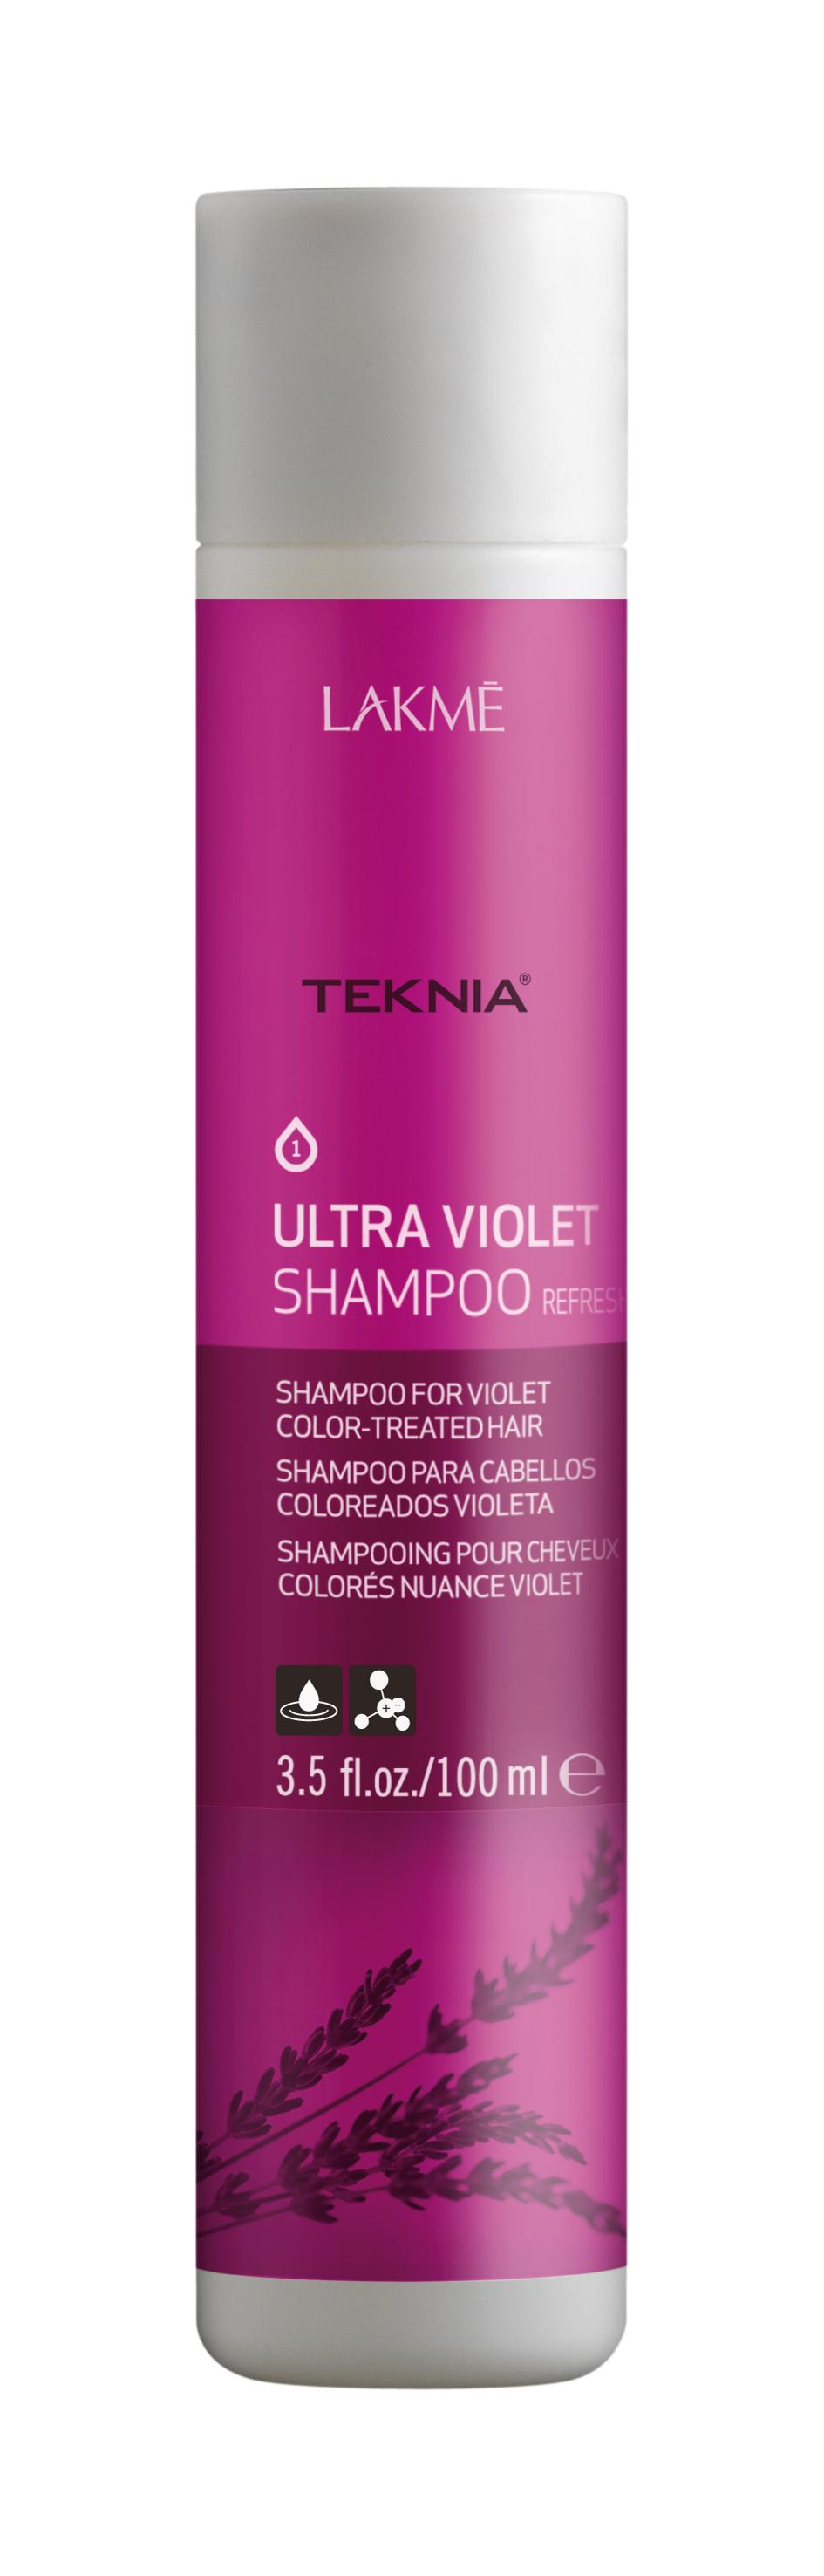 Купить LAKME Шампунь для поддержания оттенка окрашенных волос, фиолетовый / ULTRA VIOLET SHAMPOO 100 мл, Красный и фиолетовый